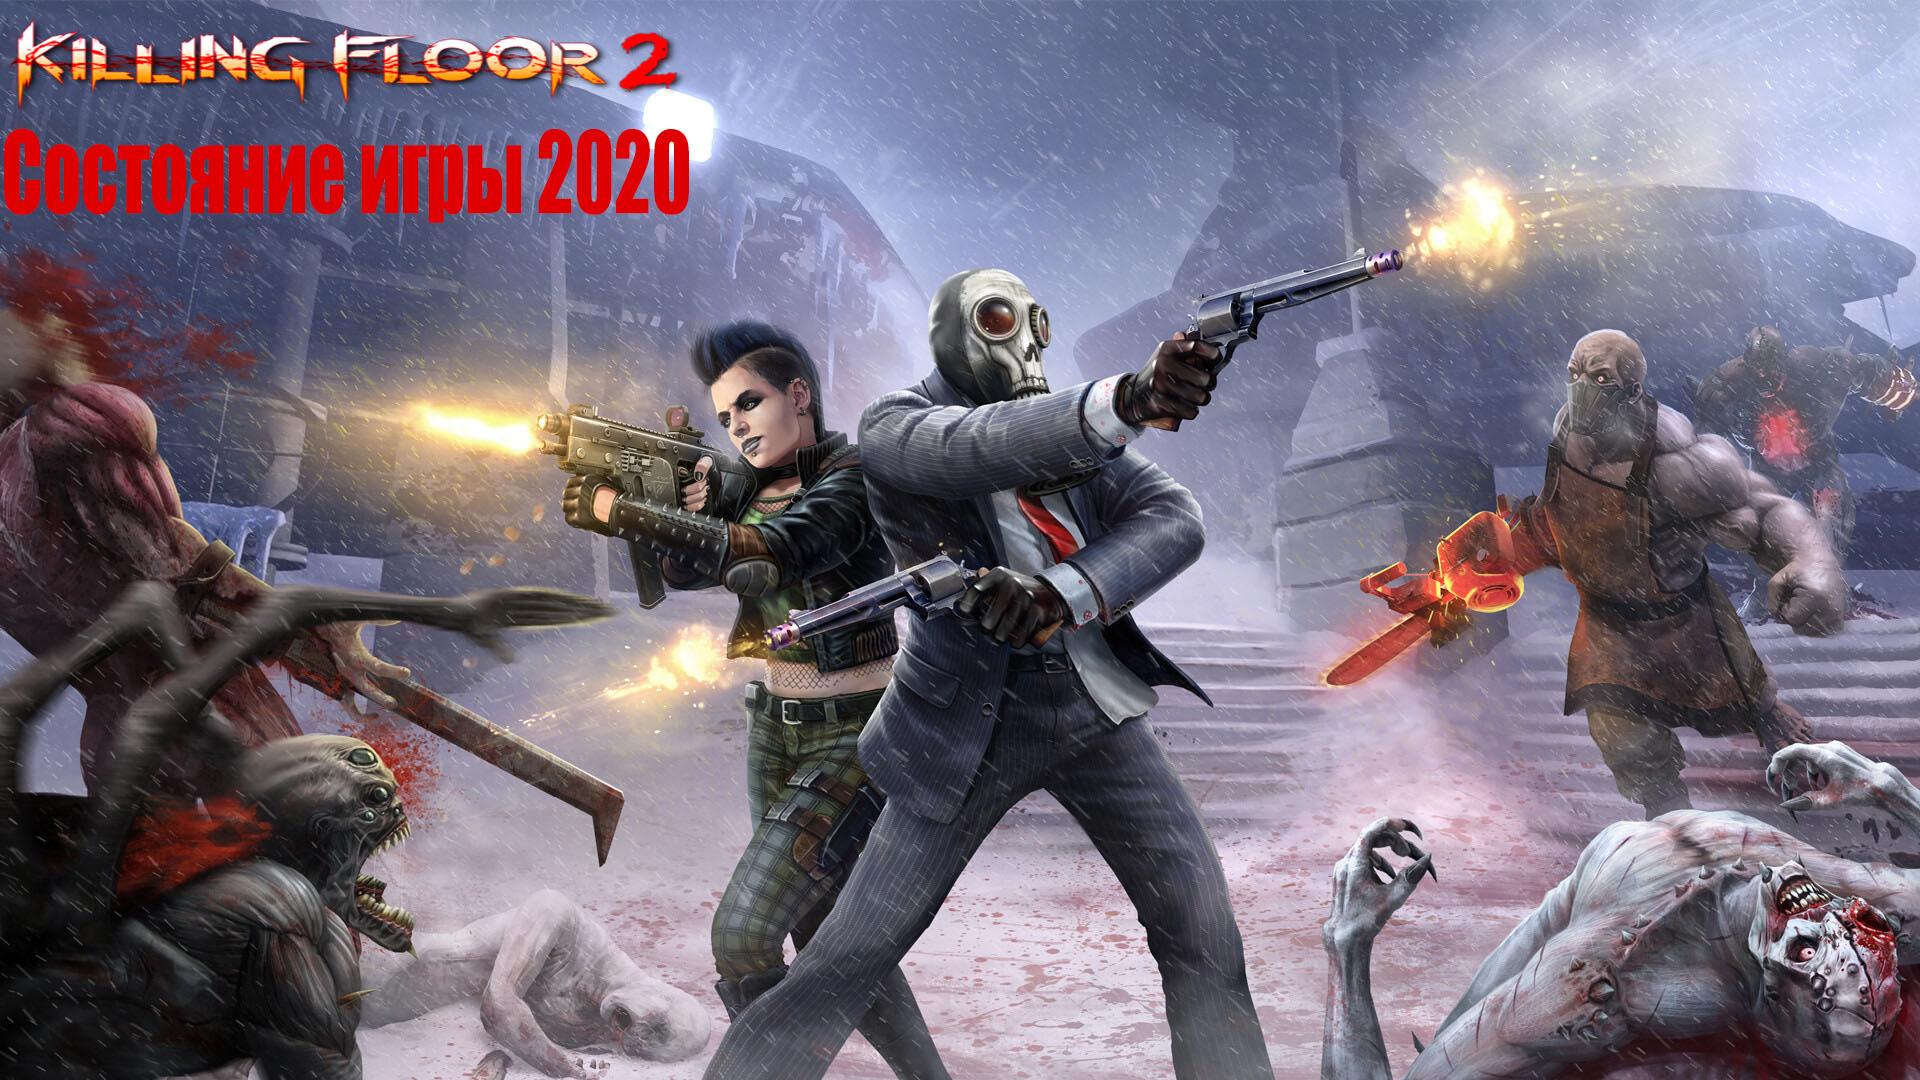 Killing Floor 2 - Состояние игры 2020